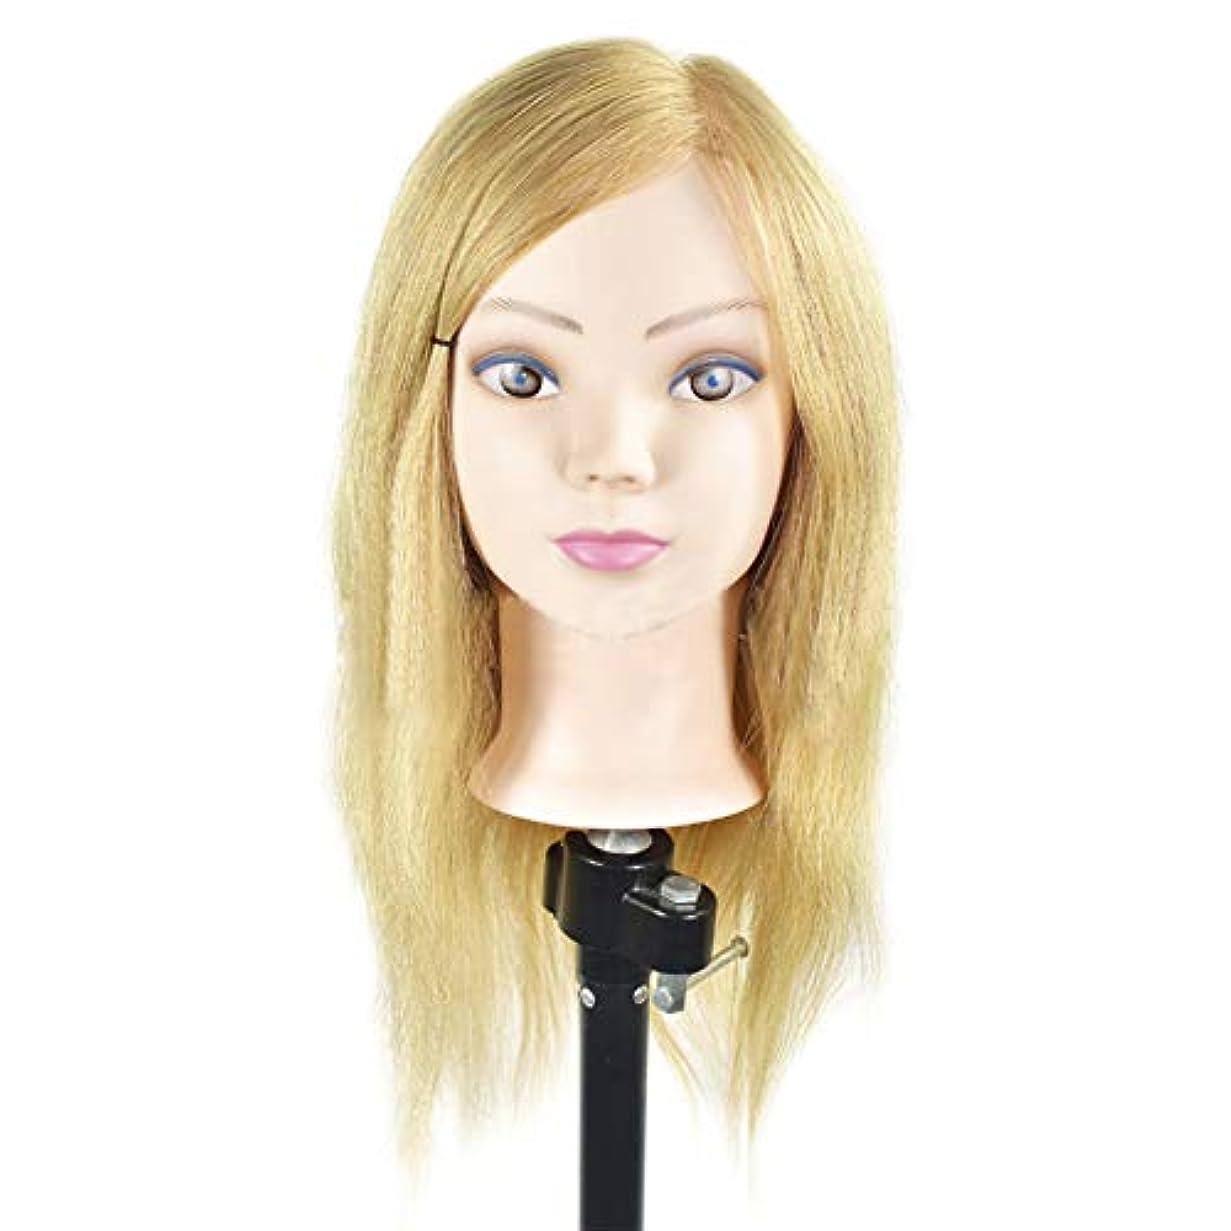 繰り返した下品有益本物の髪髪編組髪ヘアホット染料ヘッド型サロンモデリングウィッグエクササイズヘッド散髪学習ダミーヘッド